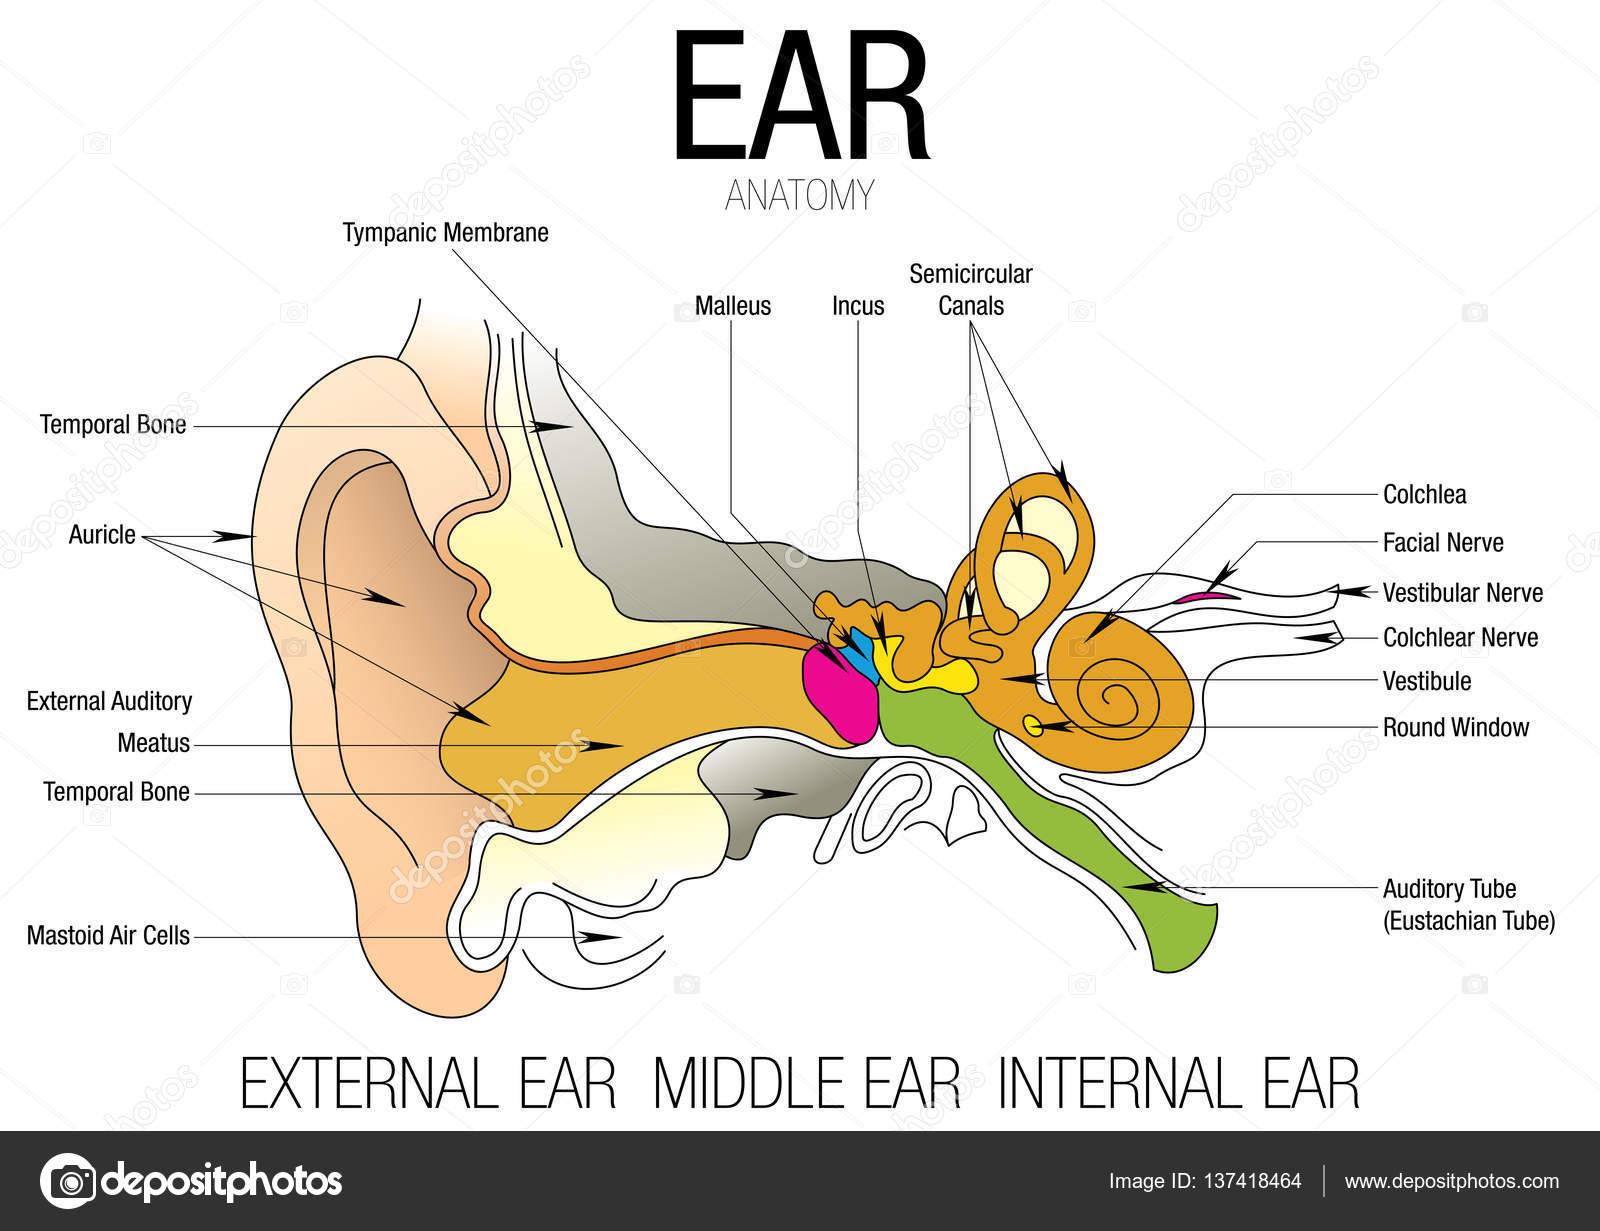 Anatomia da orelha com o nome das peas imagem vetorial vetores anatomia da orelha com o nome das peas imagem vetorial vetor de alejomiranda ccuart Gallery